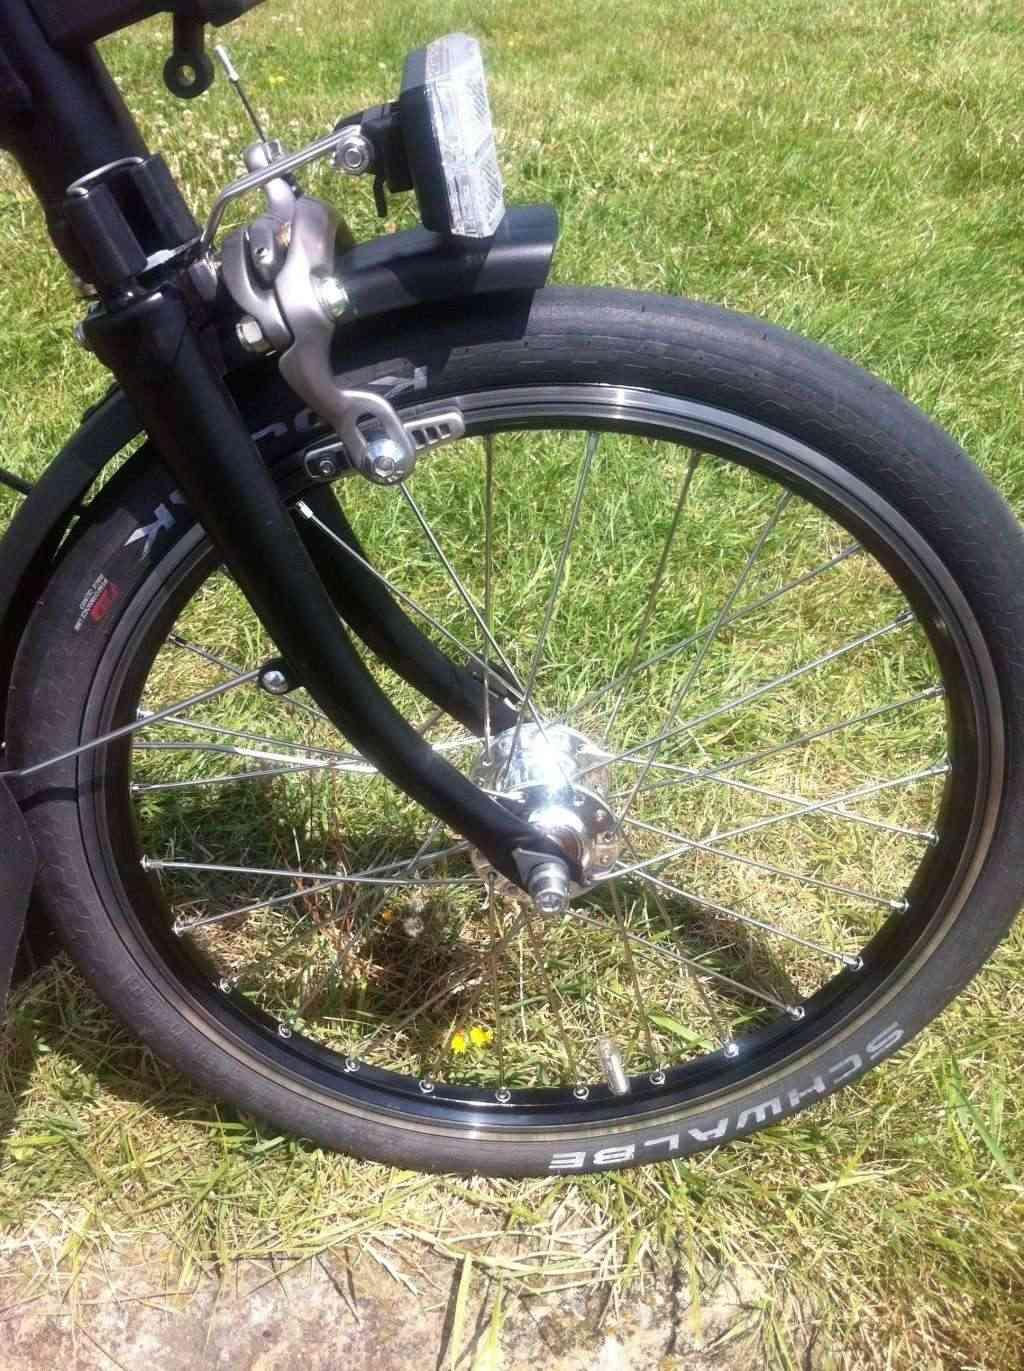 - Jante et rayon : améliorer les roues du Brompton - Page 8 B510